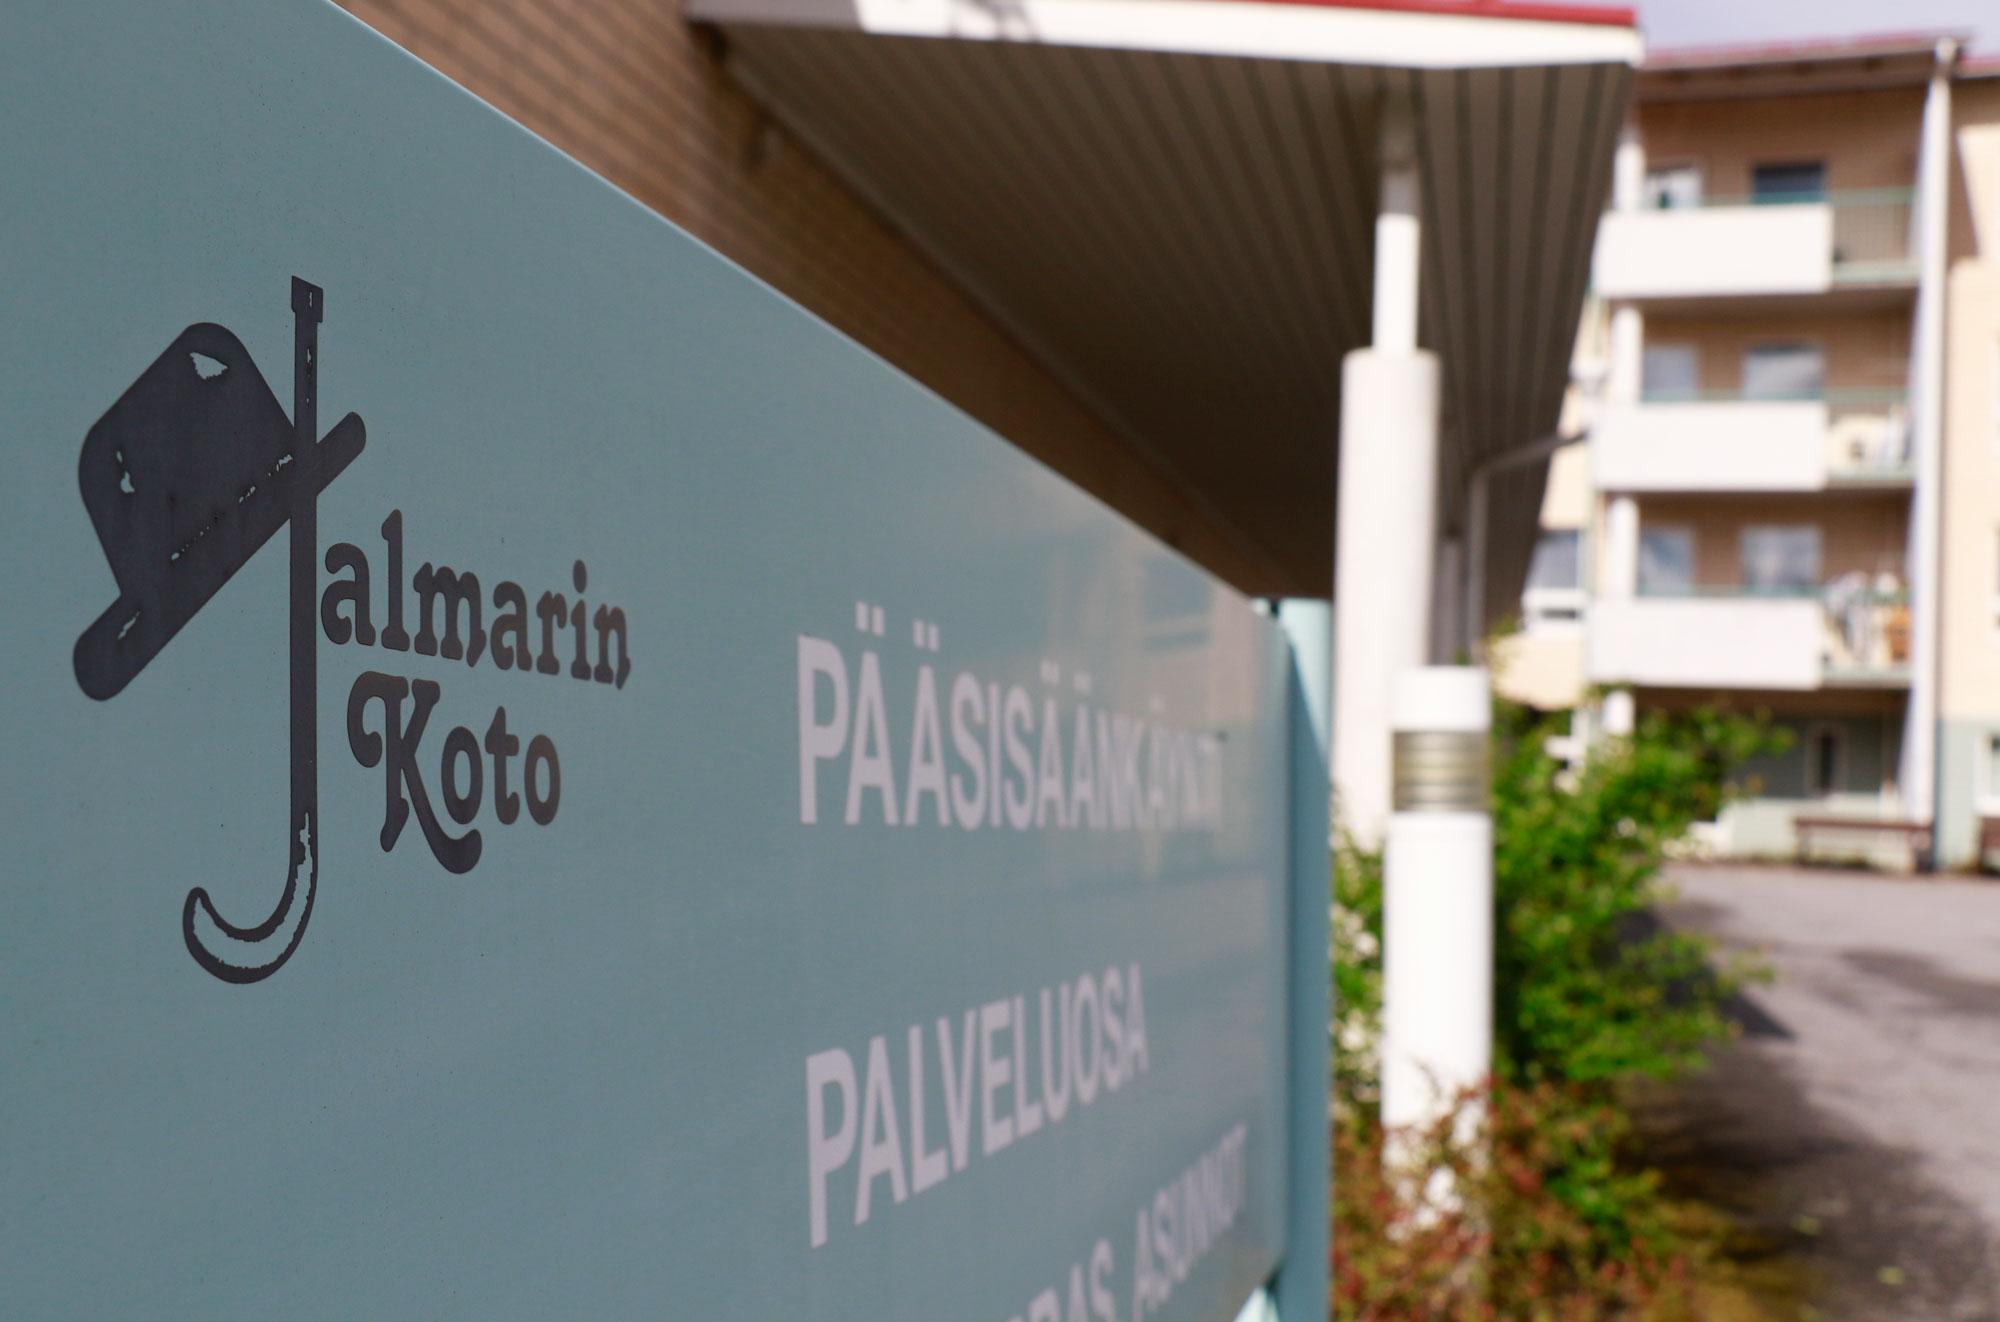 Jalmarin Kodon palvelutuotanto siirtyy ensi vuoden alusta Kangasalan kaupungille. Sosiaali- ja terveyslautakunta on hyväksynyt siirron ja sitä koskevan liikkeenluovutussopimuksen.